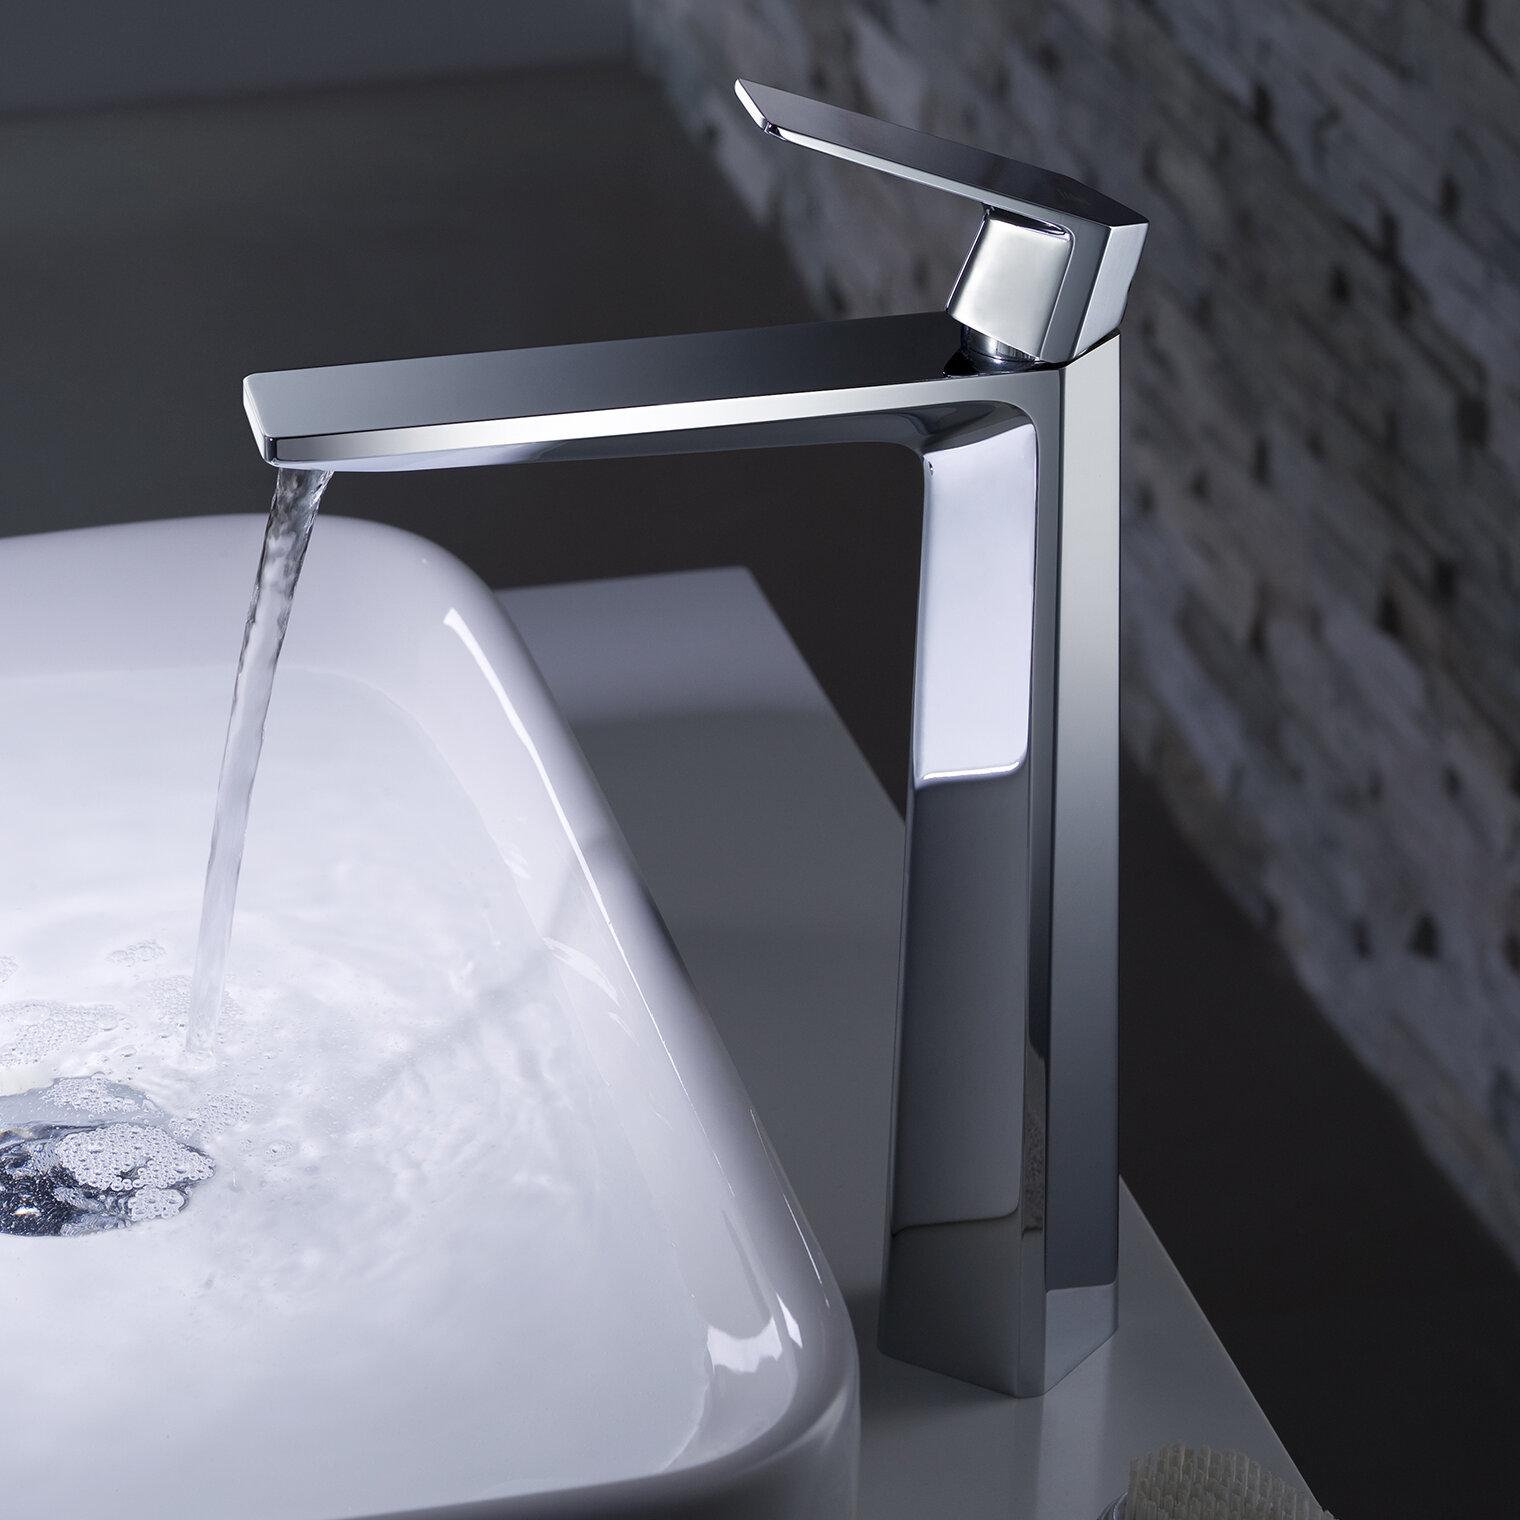 Kraus Exquisite Vessel Single Hole Bathroom Faucet & Reviews | Wayfair